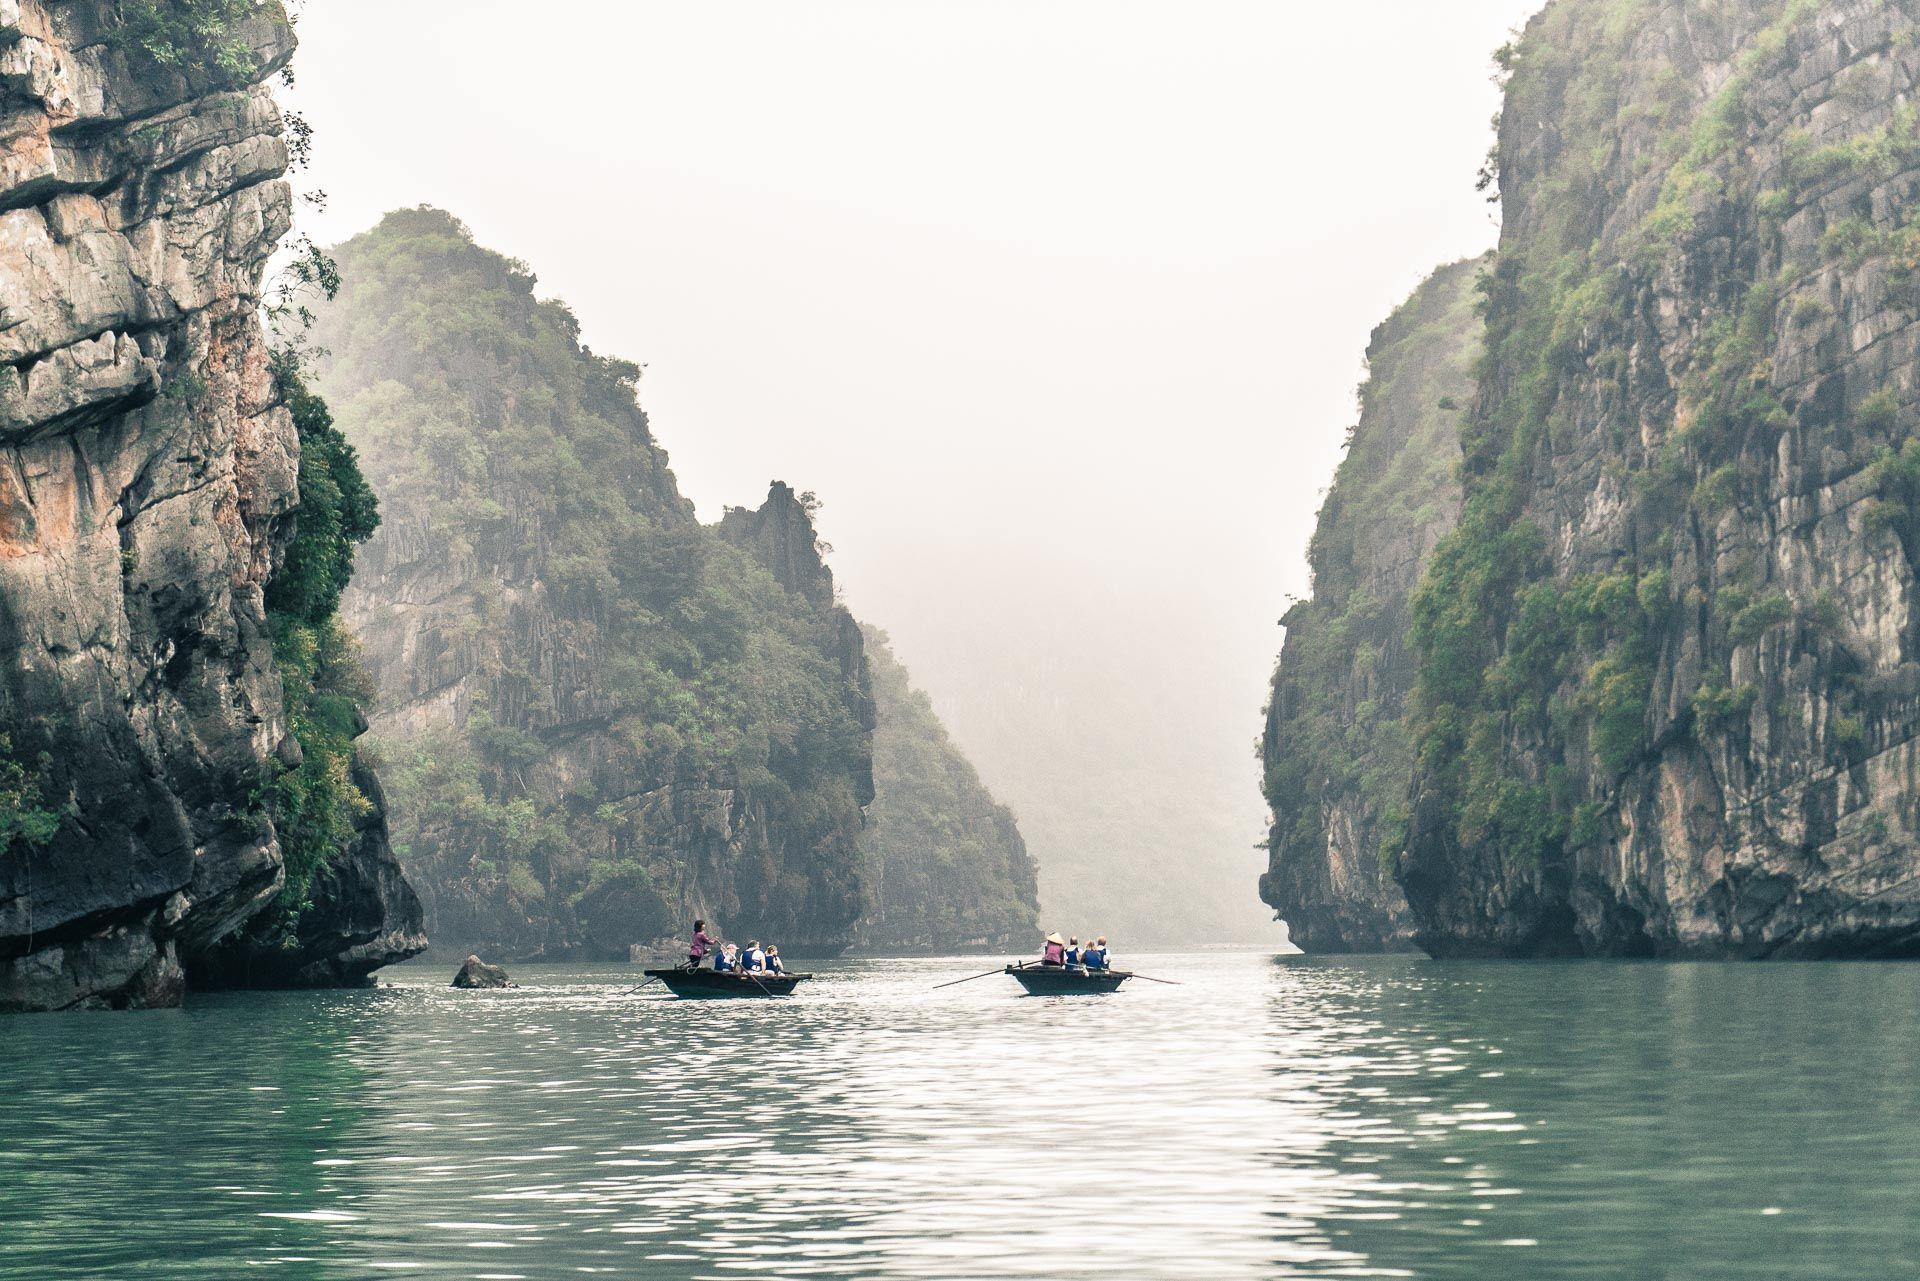 lesvoyageuses-croisiere-a-ha-long-bay-vietnam-49